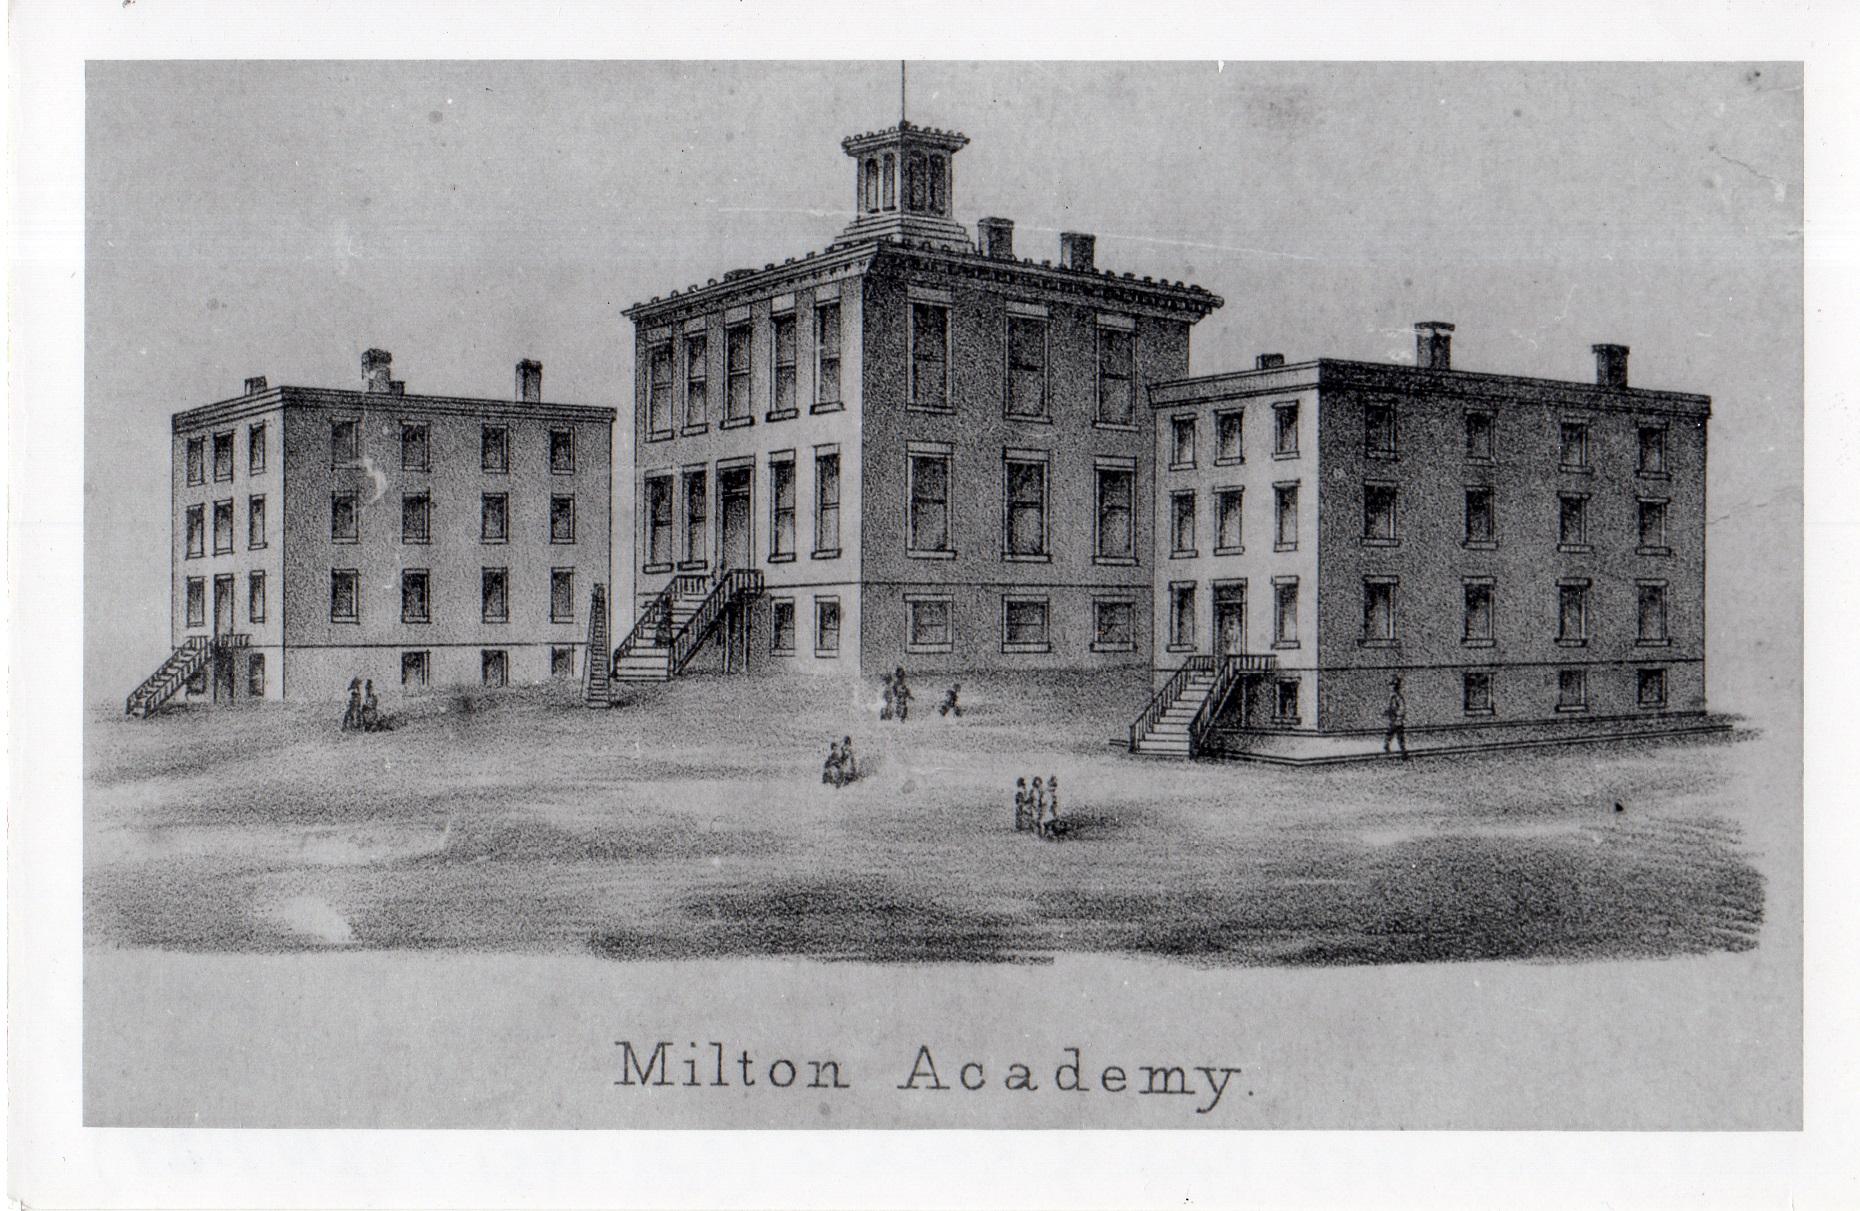 Milton Academy/Milton College